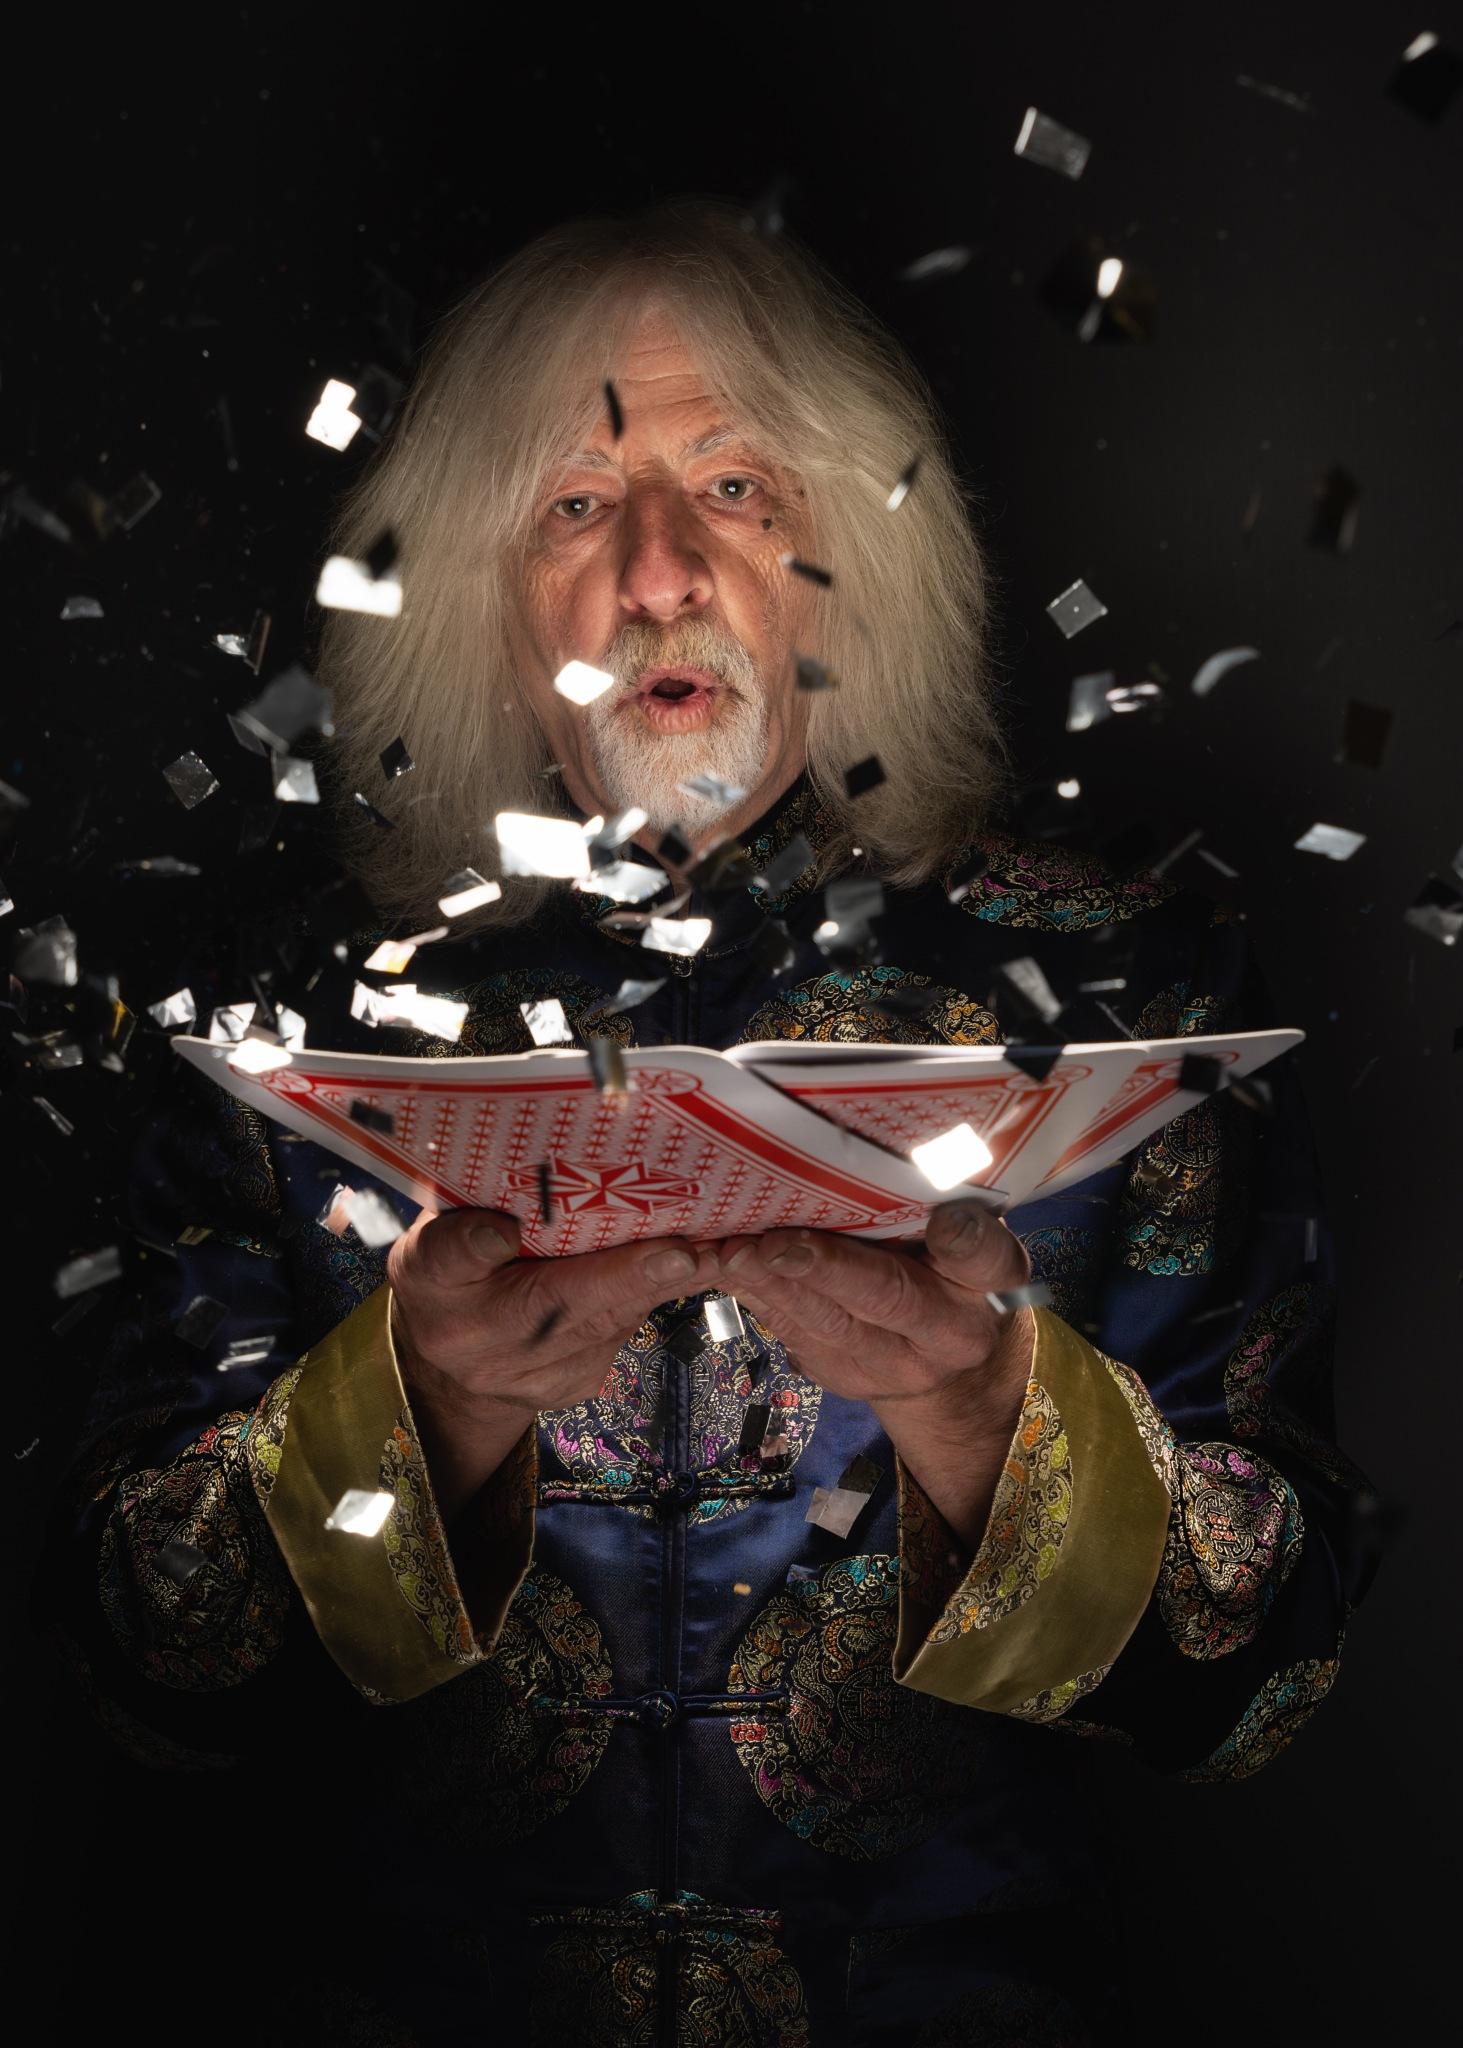 Magic by D Whitehead